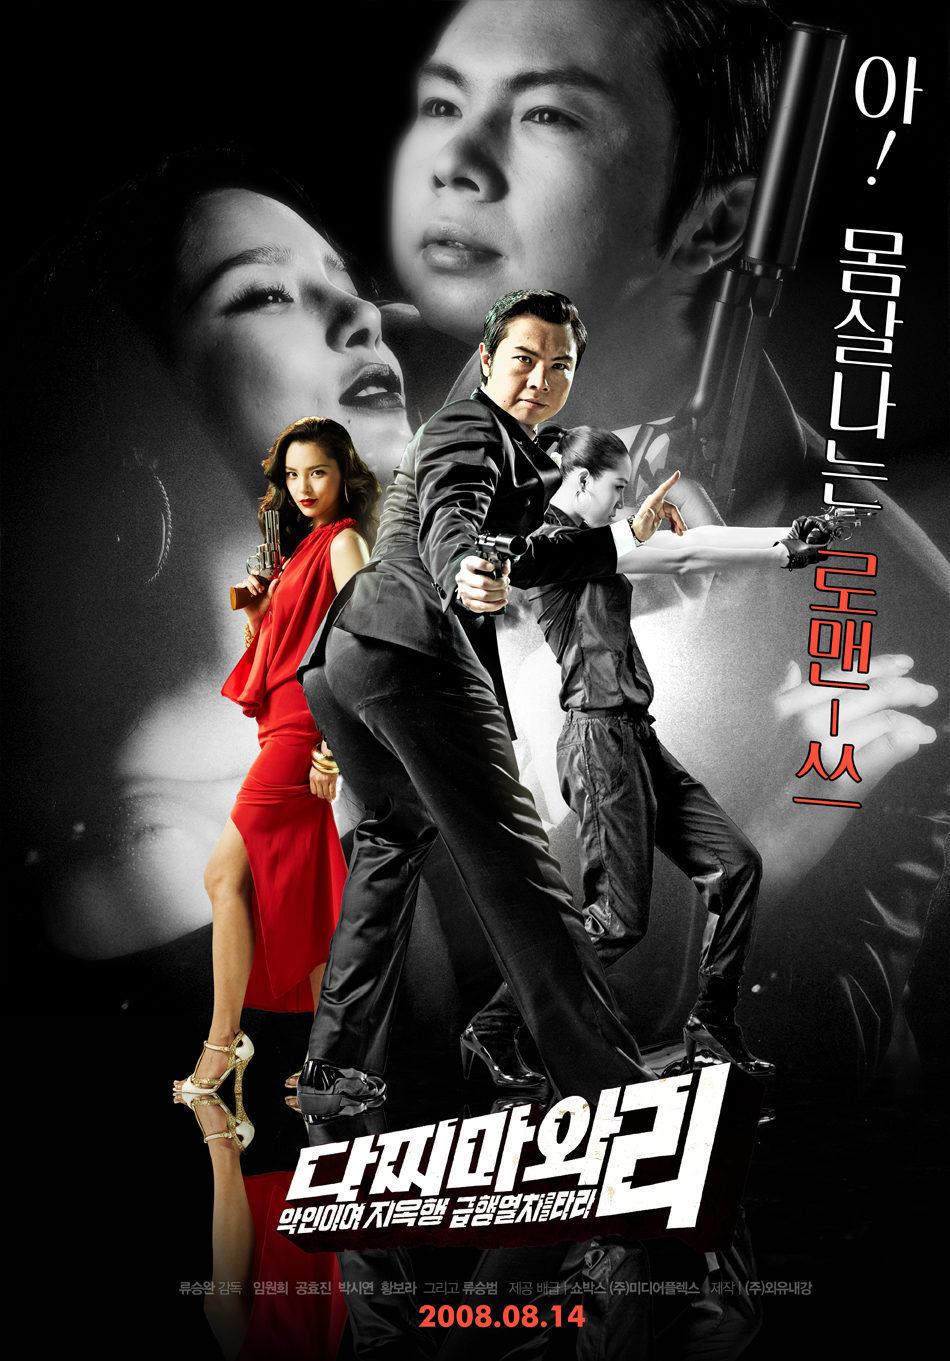 Cartel Corea del Sur de 'Dachimawa Lee'